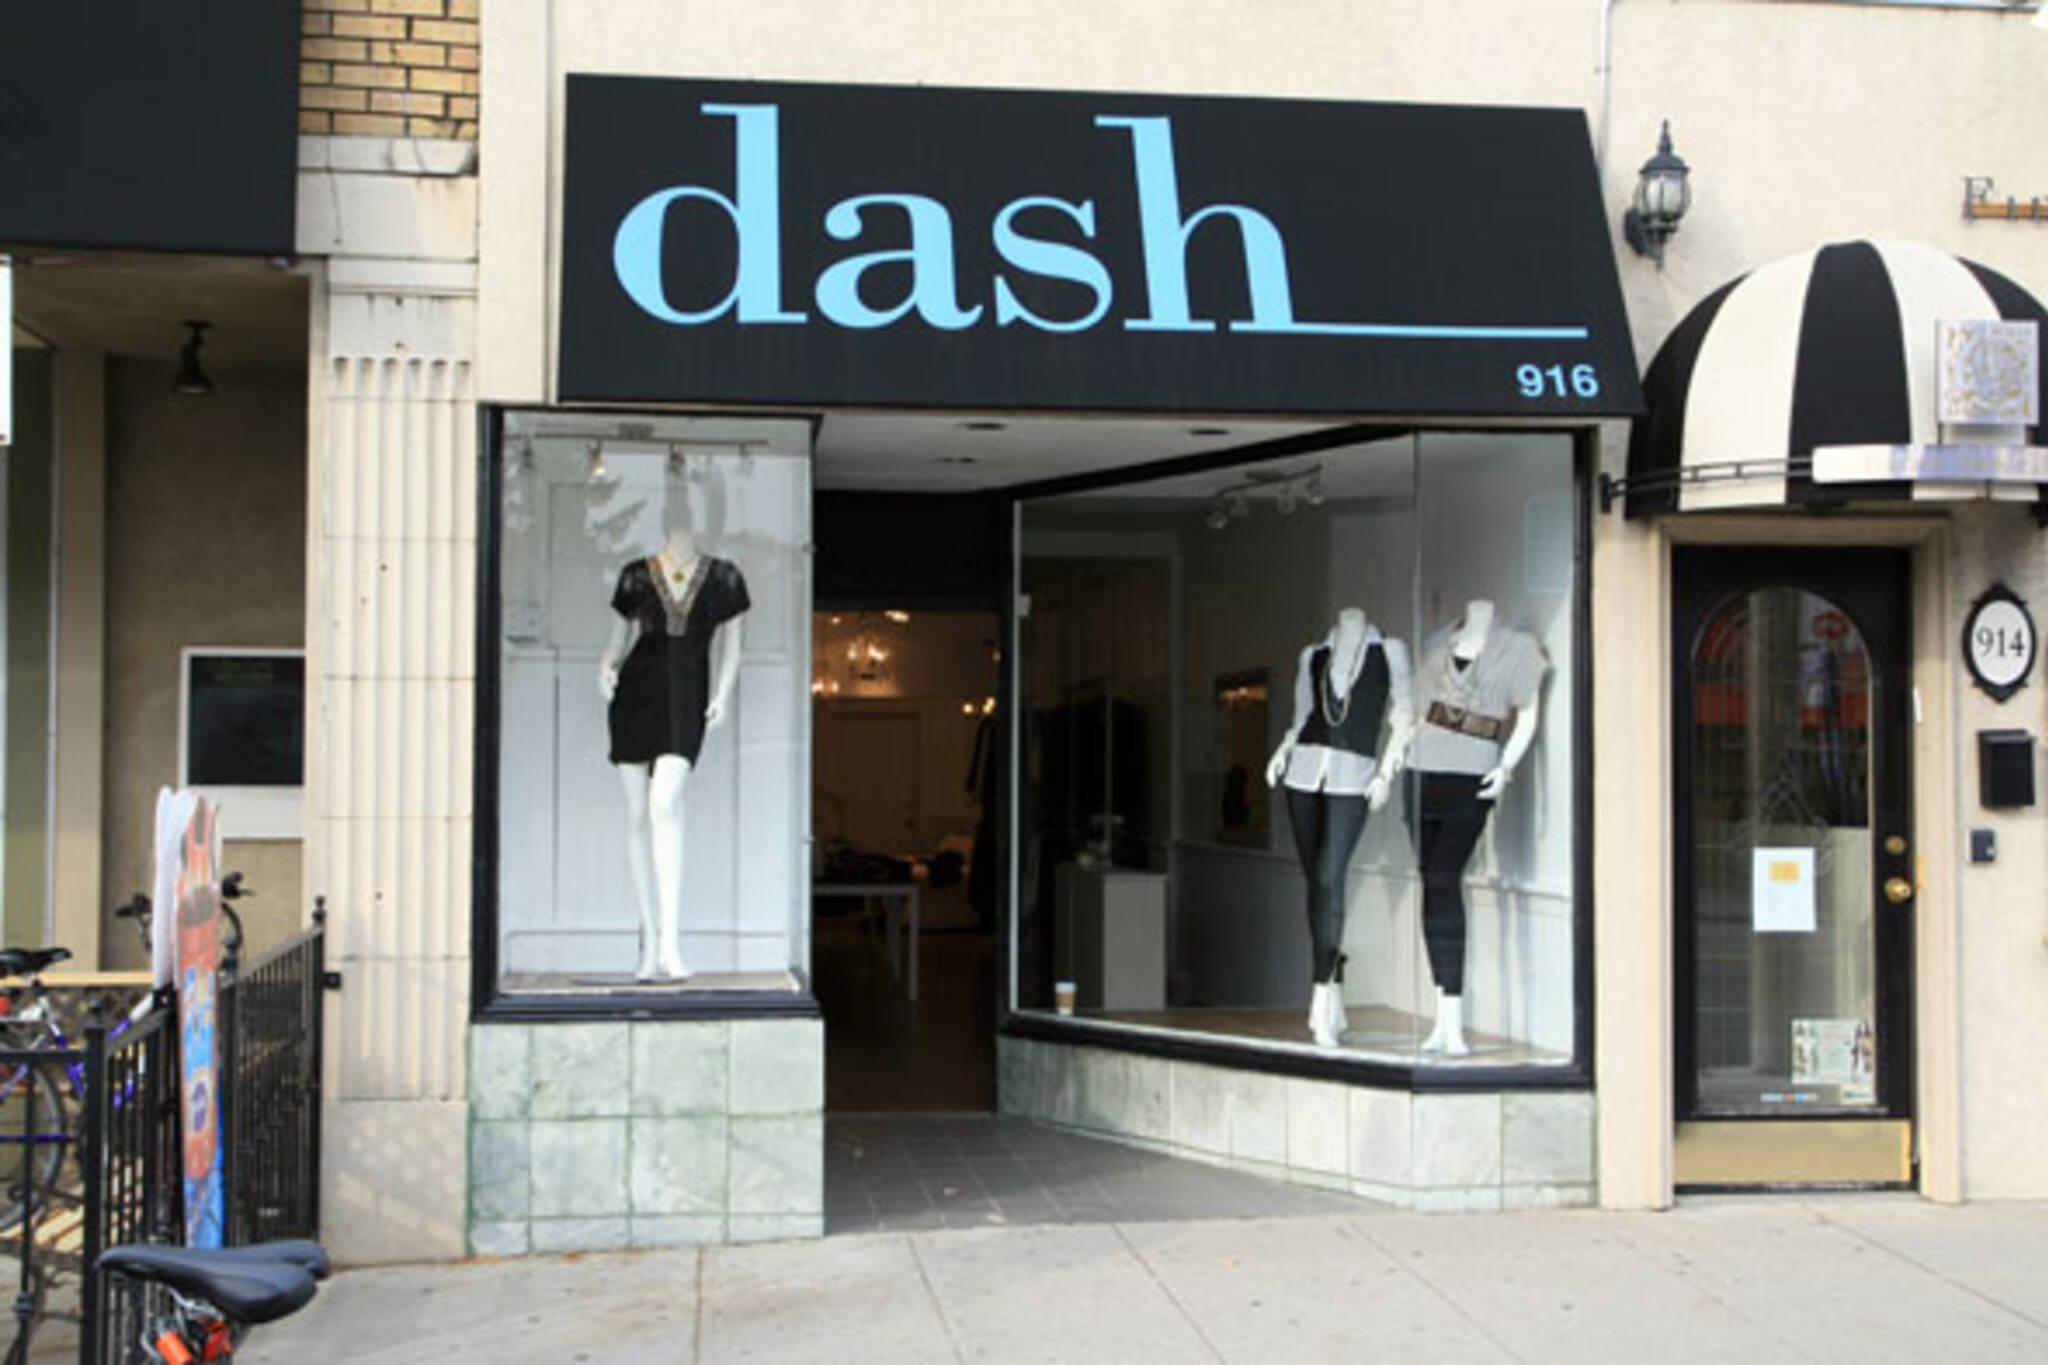 Dash Toronto